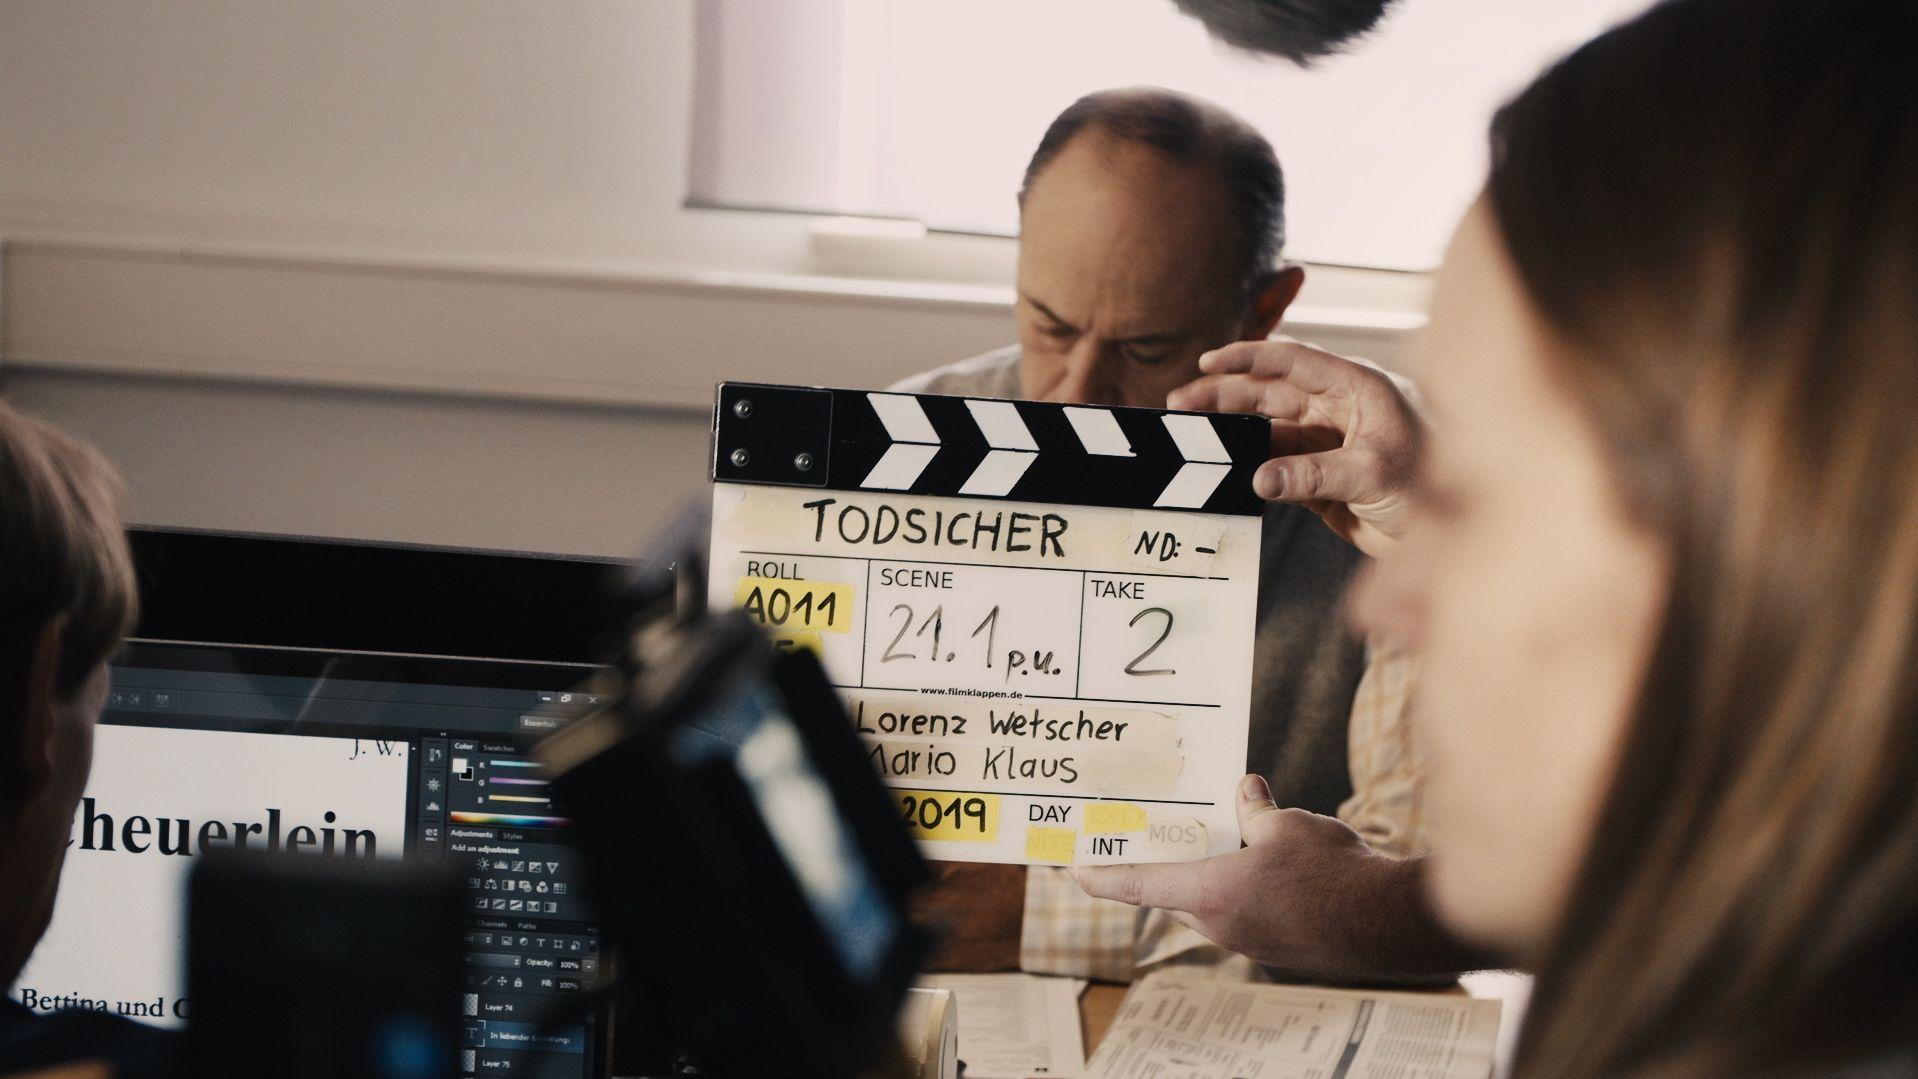 Dreharbeiten zu einem film, in der Mitte eine Klappe.